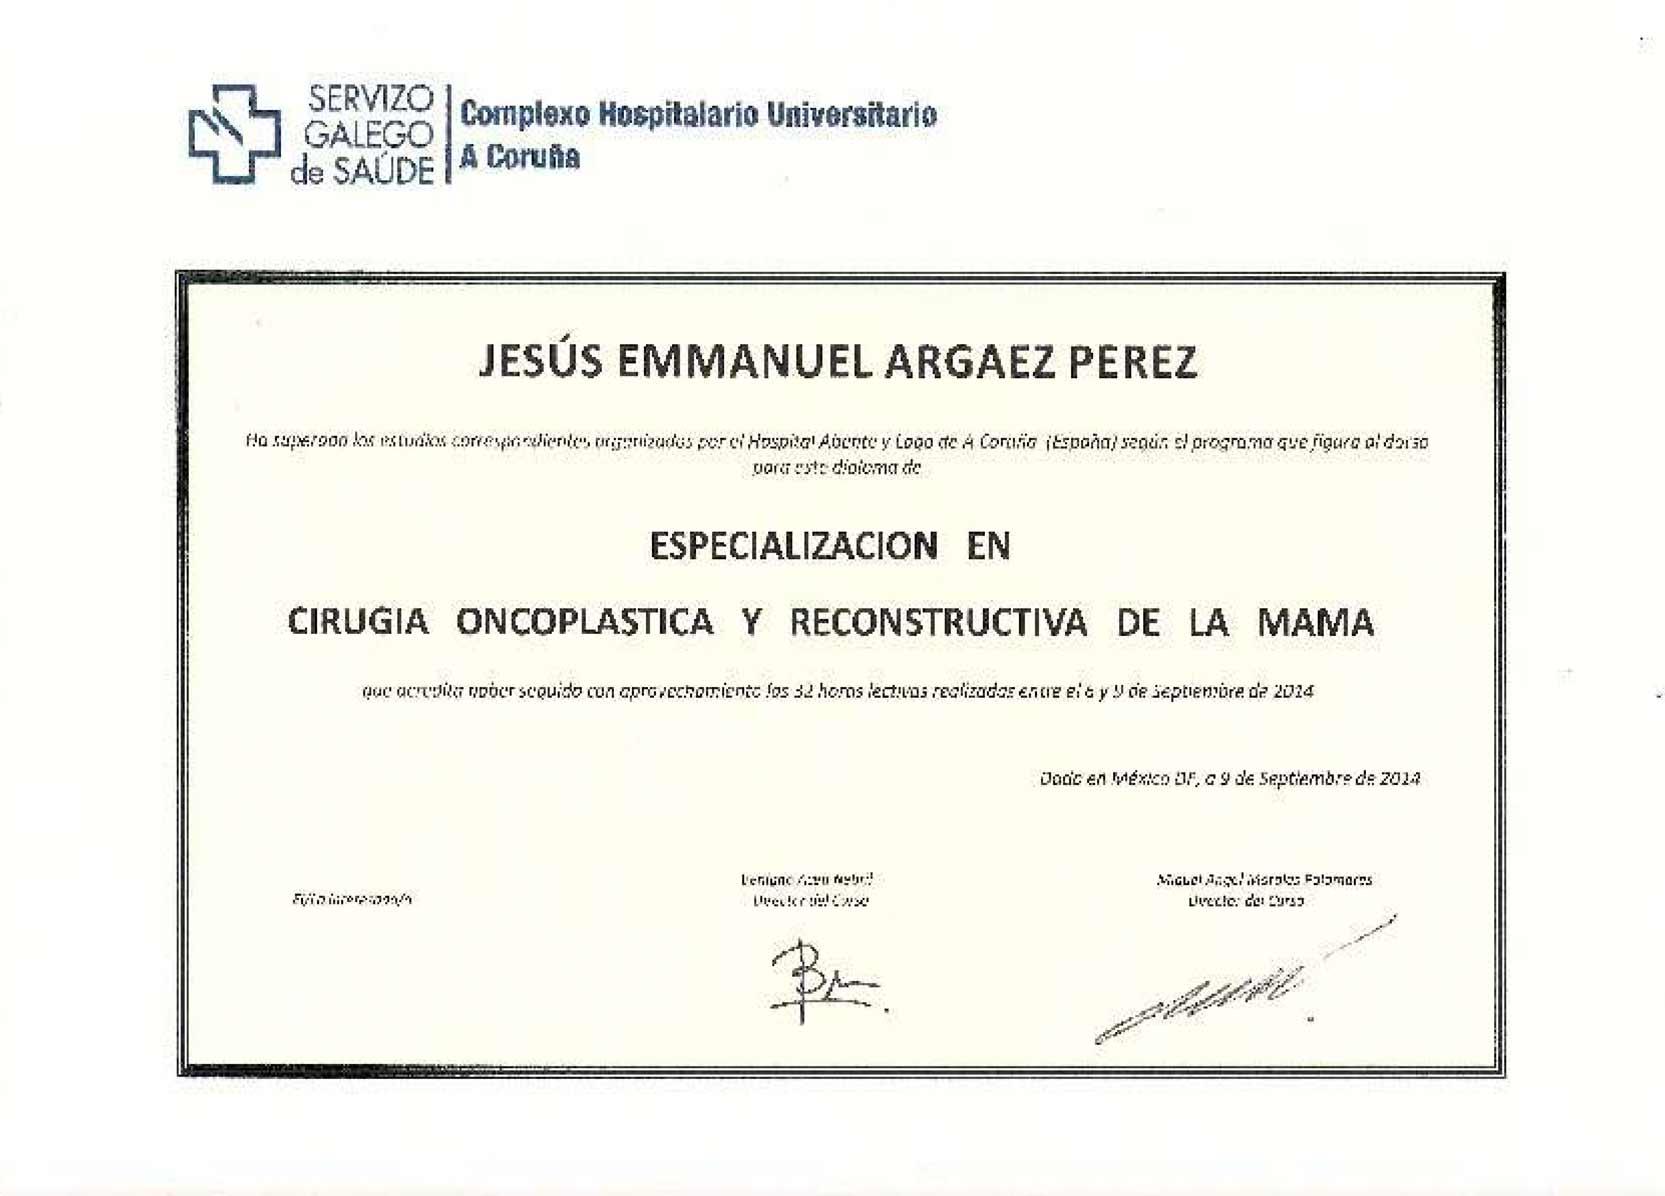 Especialización en Cirugía Oncoplastica y Reconstructiva de la Mama